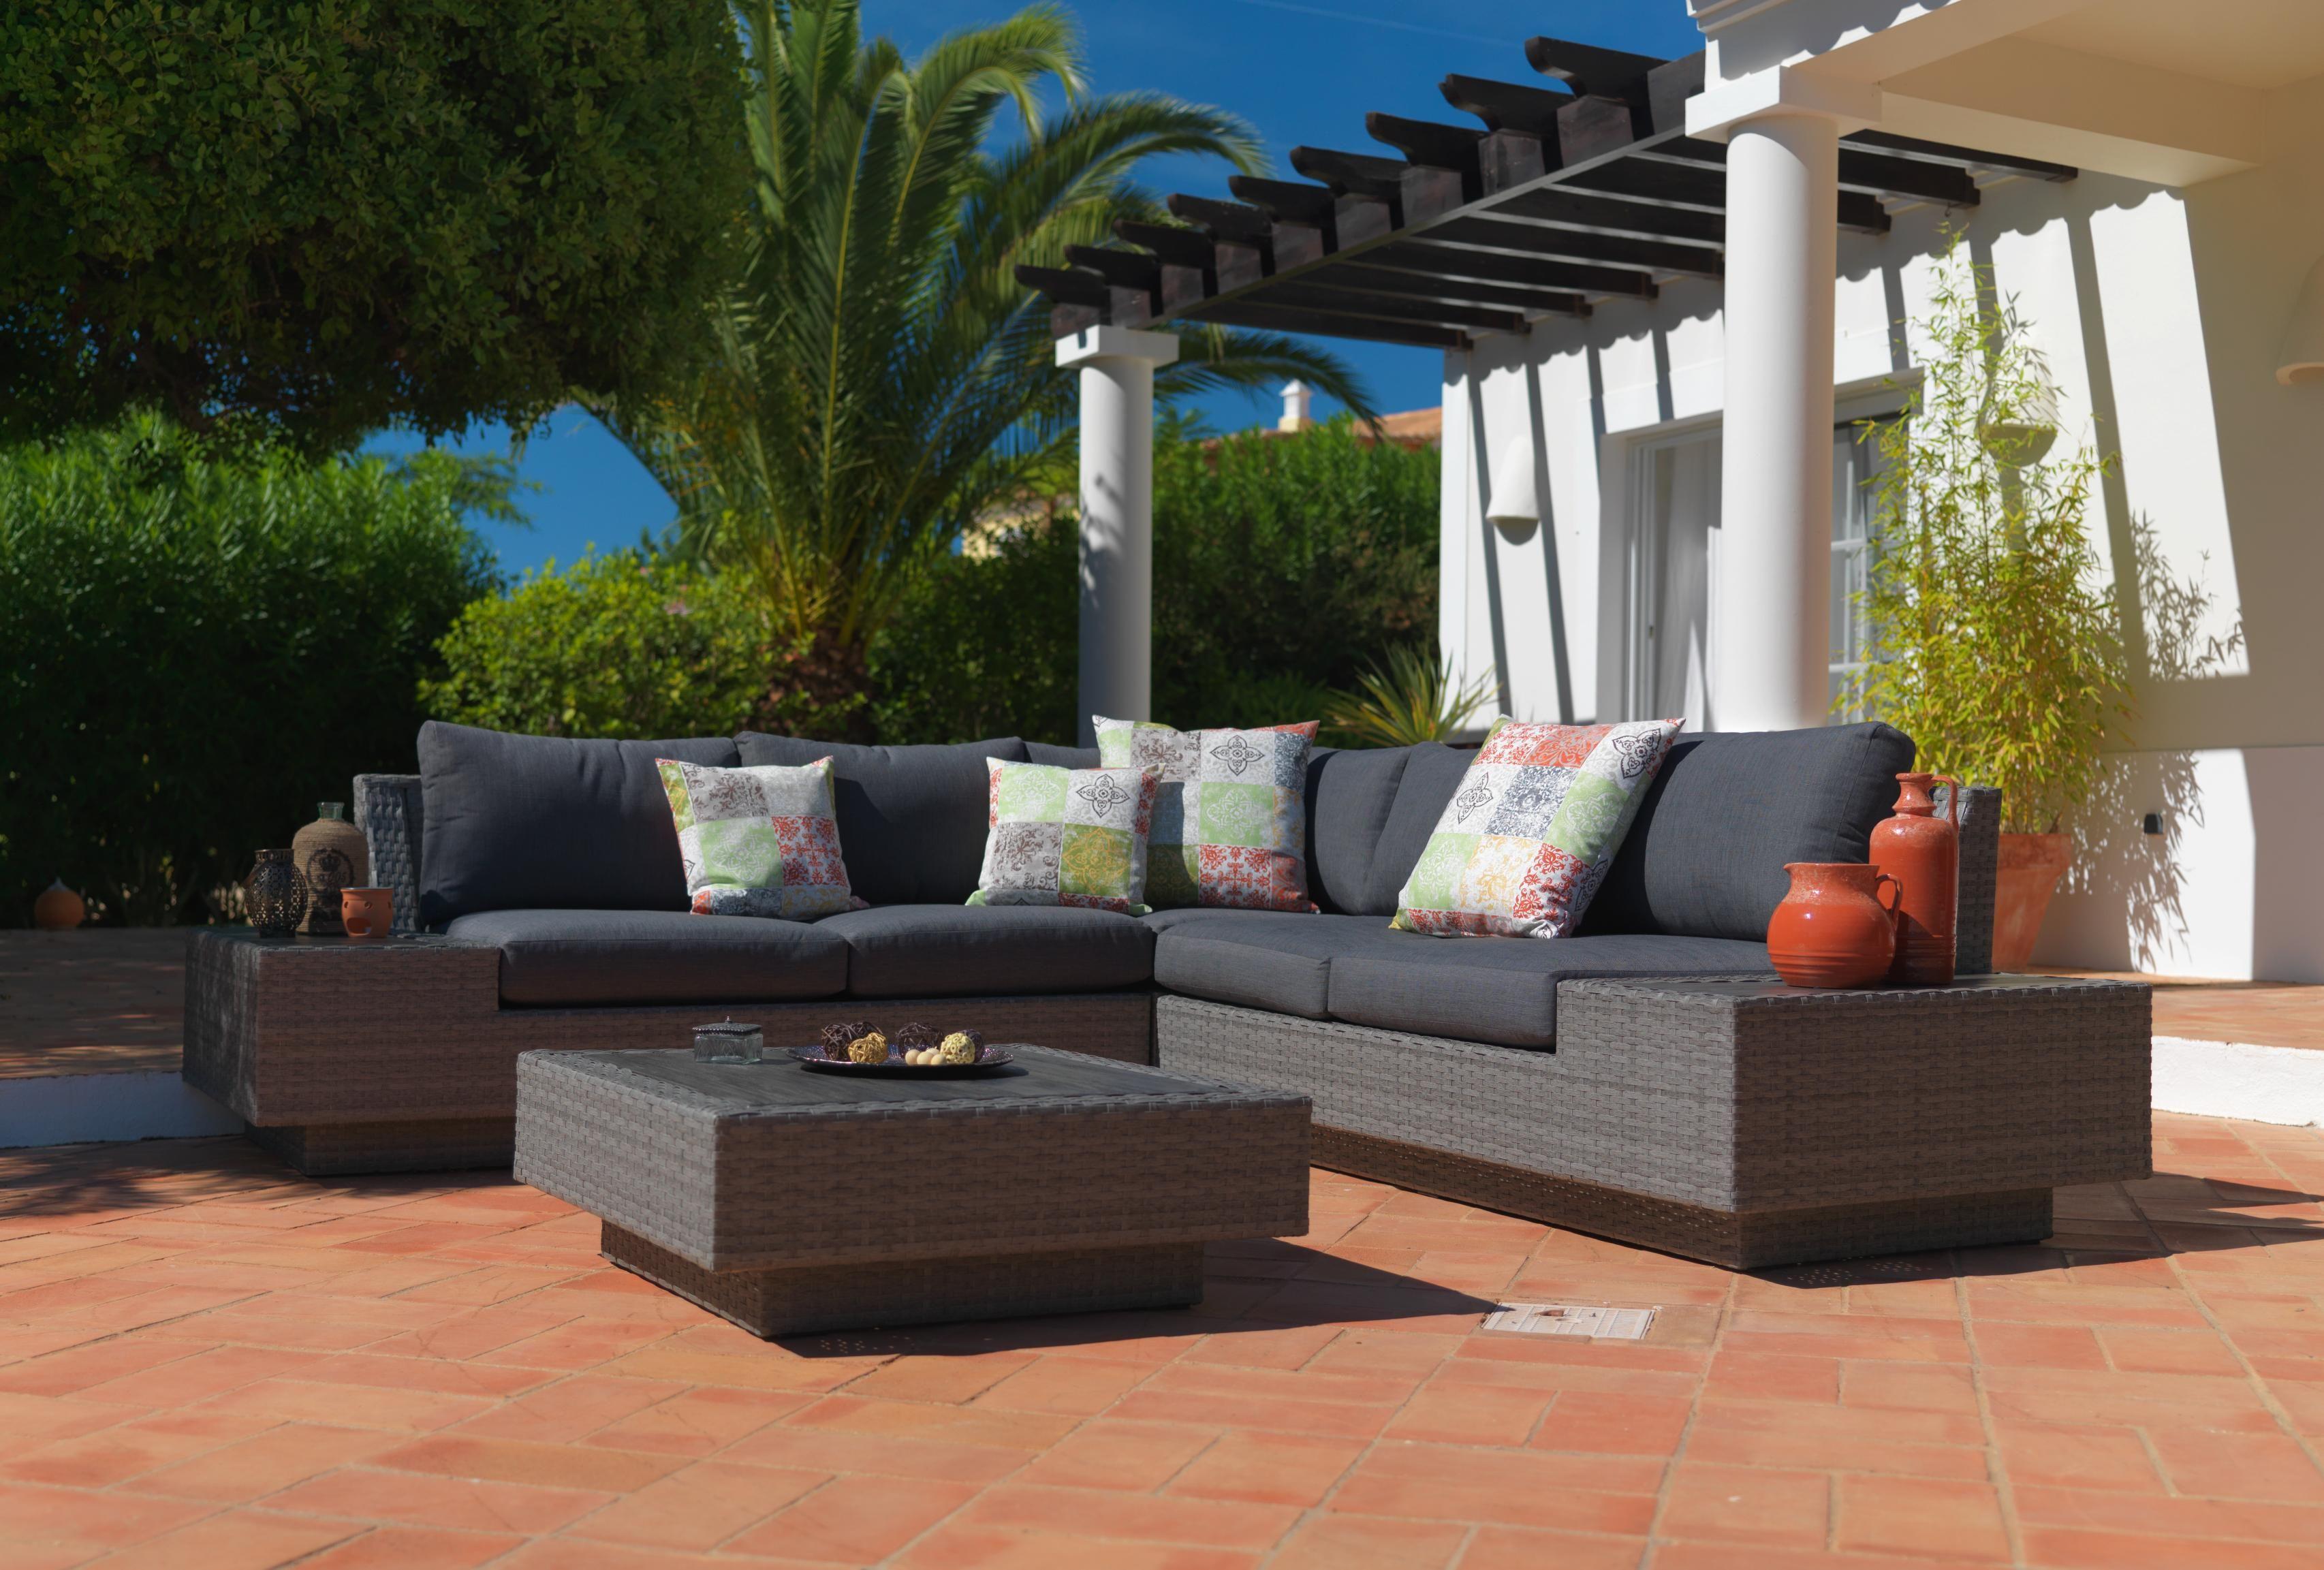 Loungegarnitur 4 Teilig Von Ambia Garden Lounge Mobel Outdoor Dekorationen Lounge Garnitur